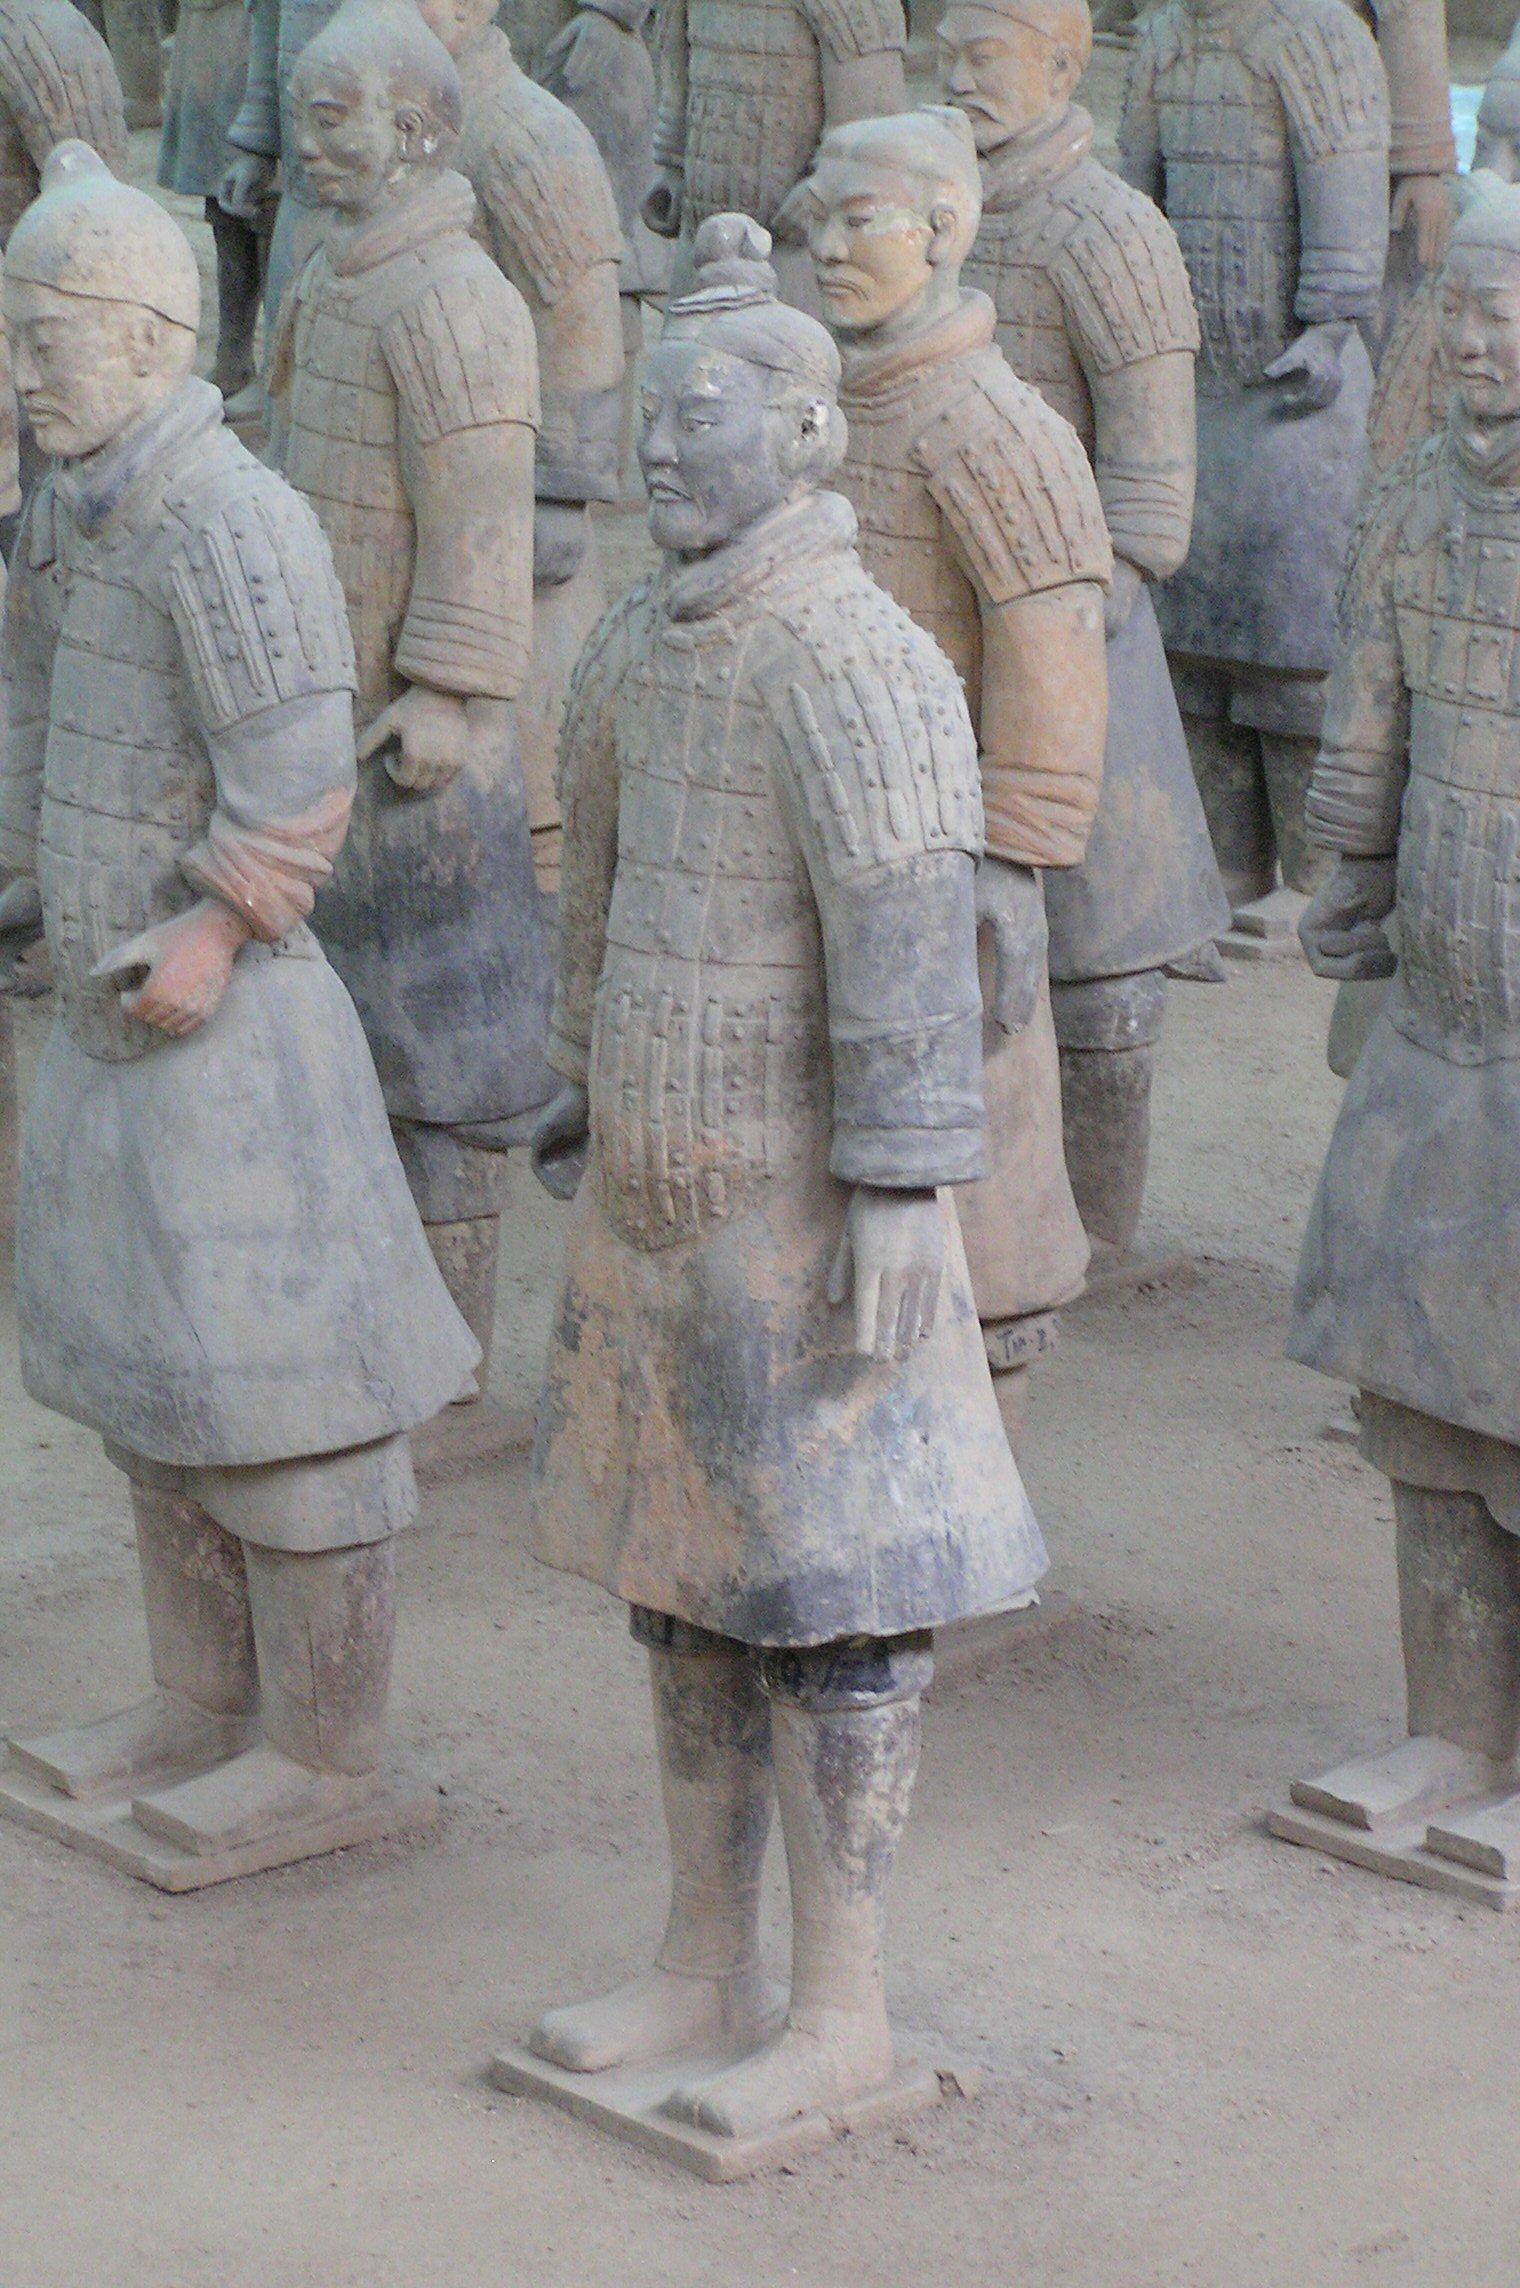 Terracotta Army of Qin Shi Huang.